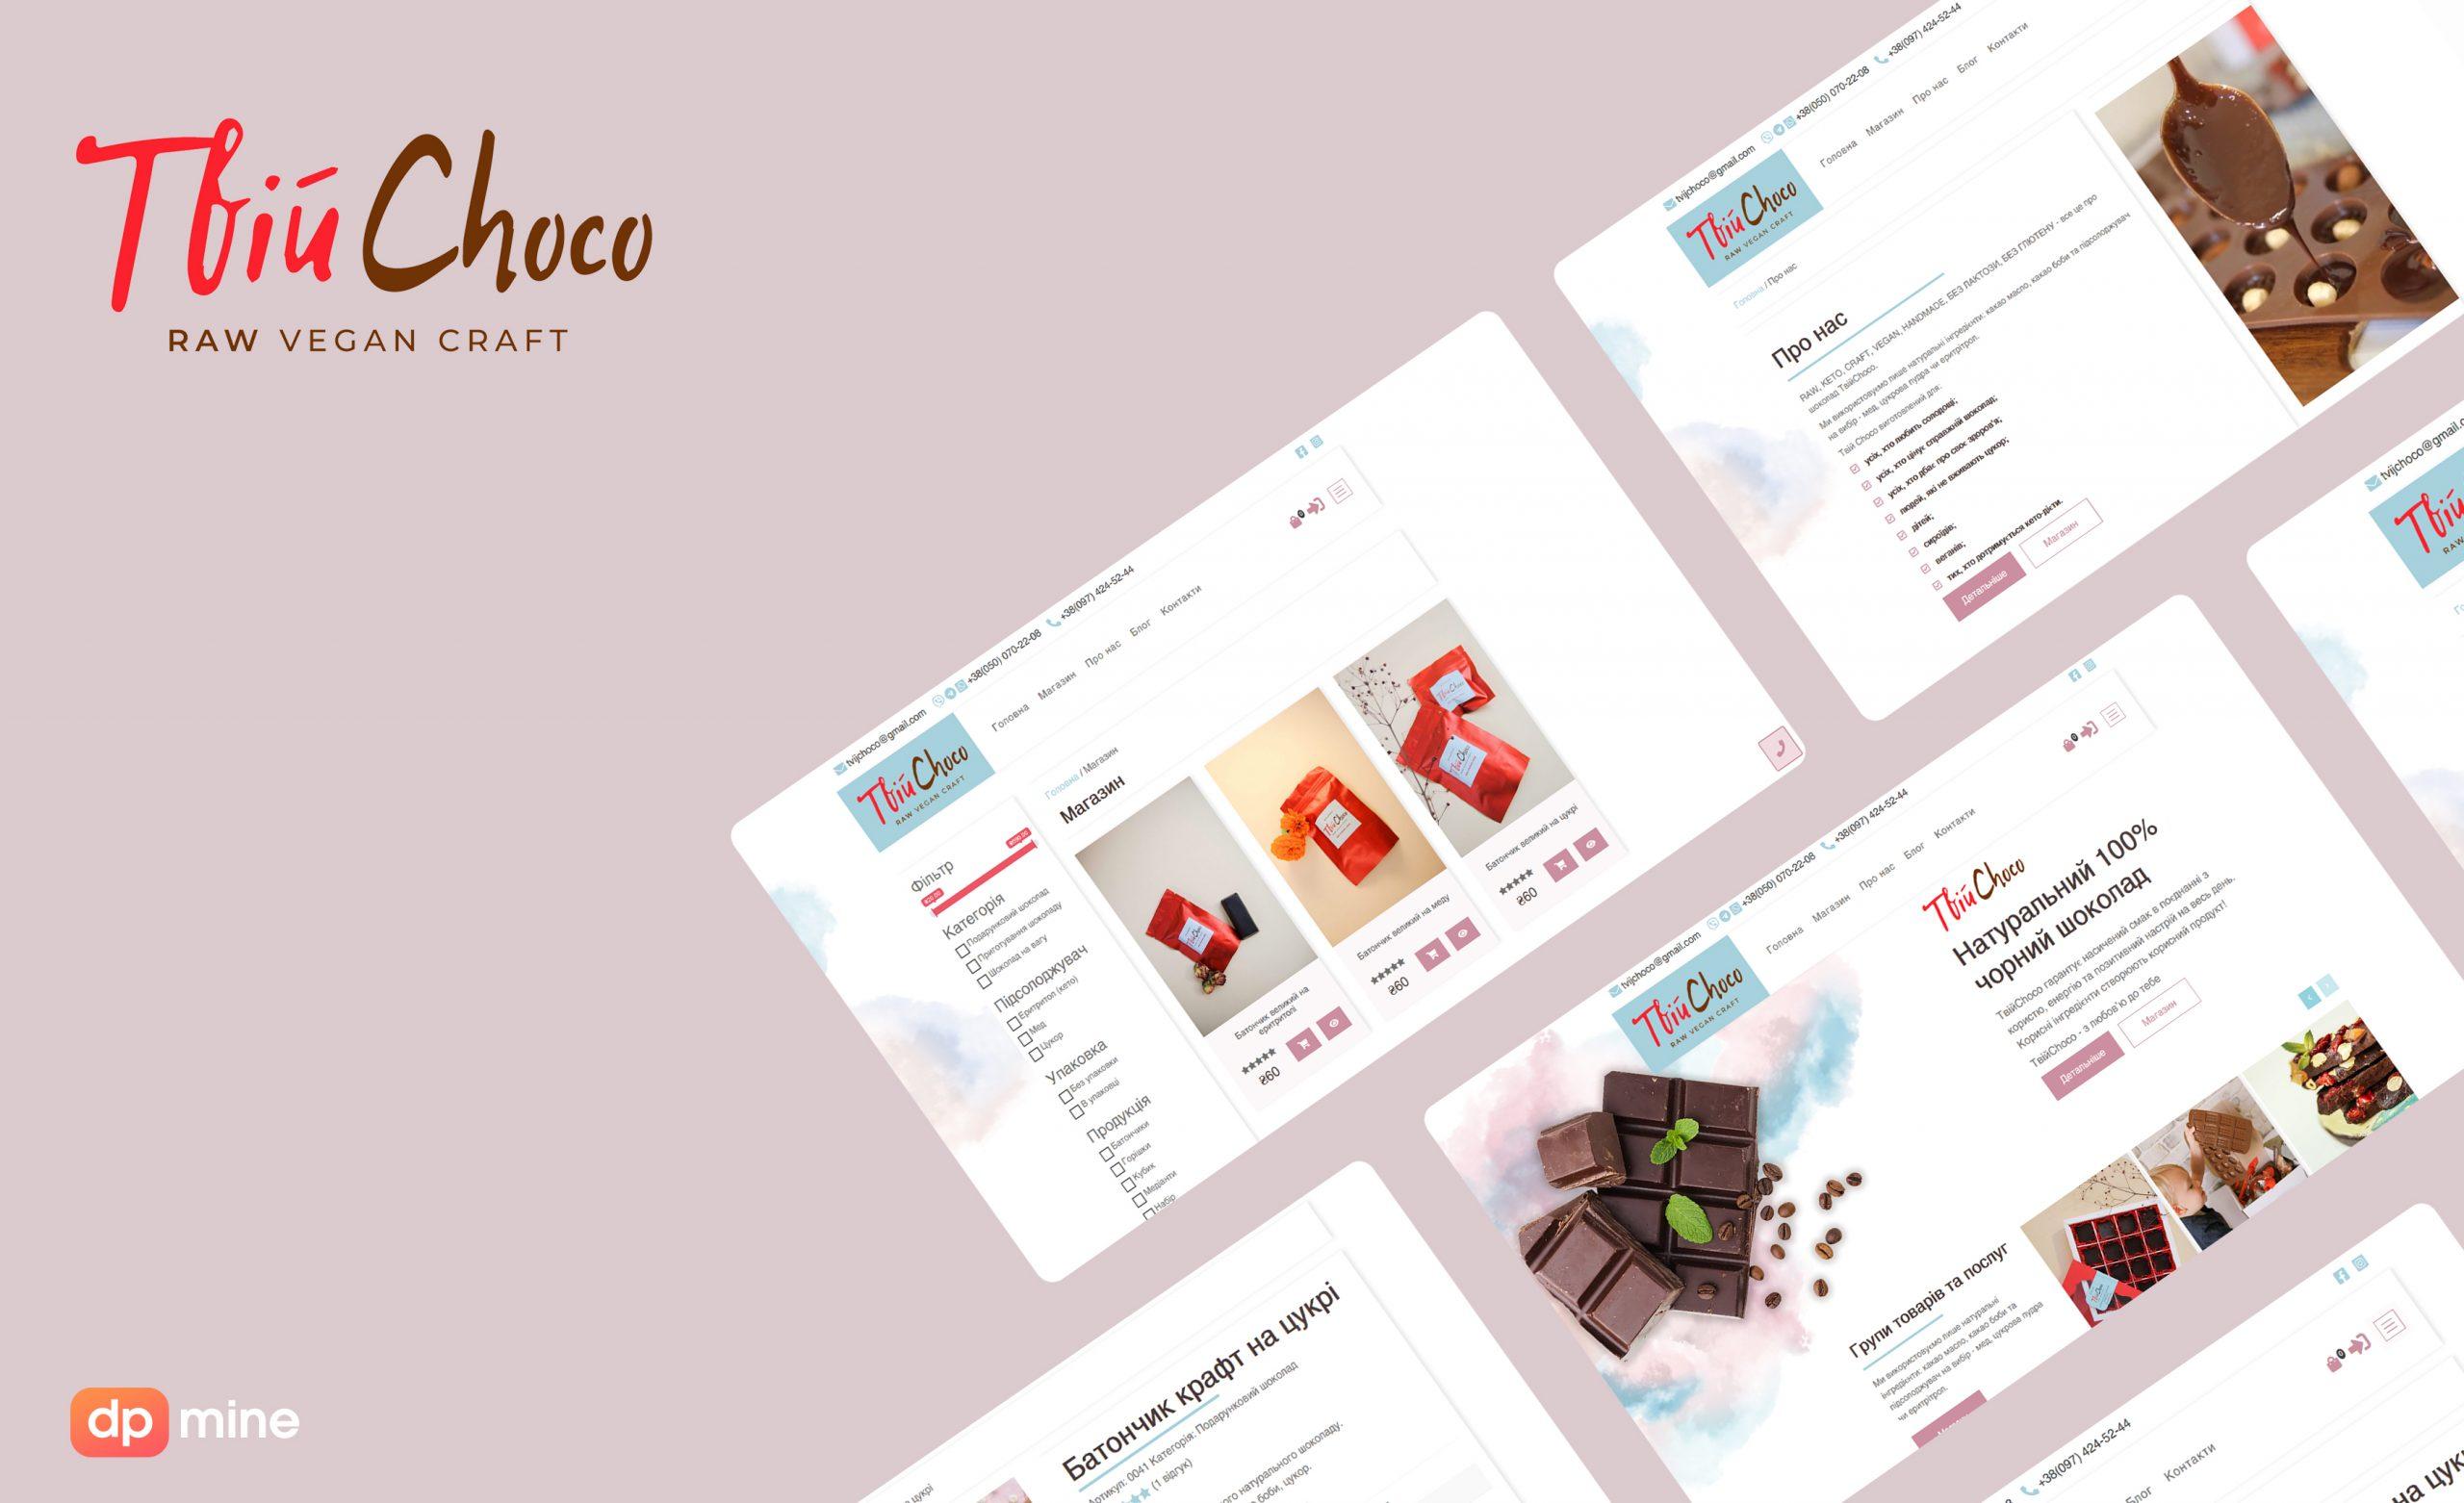 Создание и разработка сайтов от веб-студии dpmine.com.ua, заказать сайт с нуля недорого под ключ в https://www.tvijchoco.com.ua/ - dpmine.com.ua